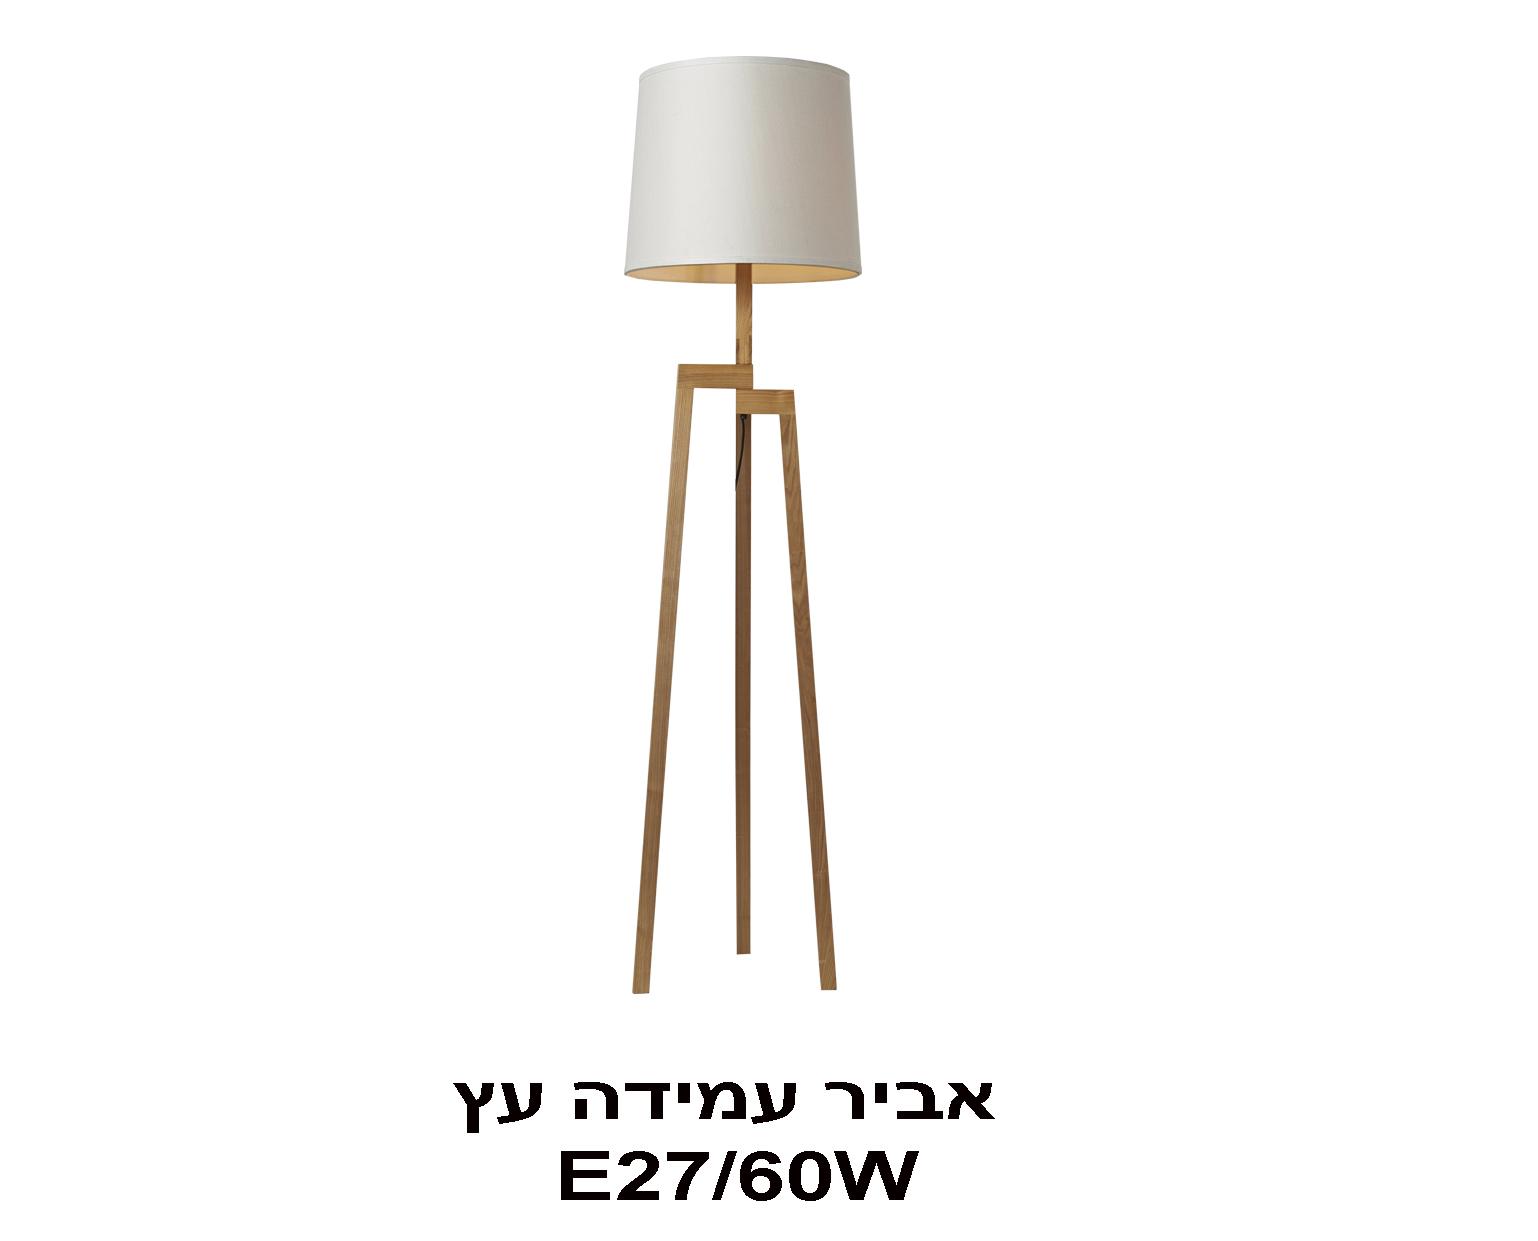 מנורת עמידה אביר עמידה עץ